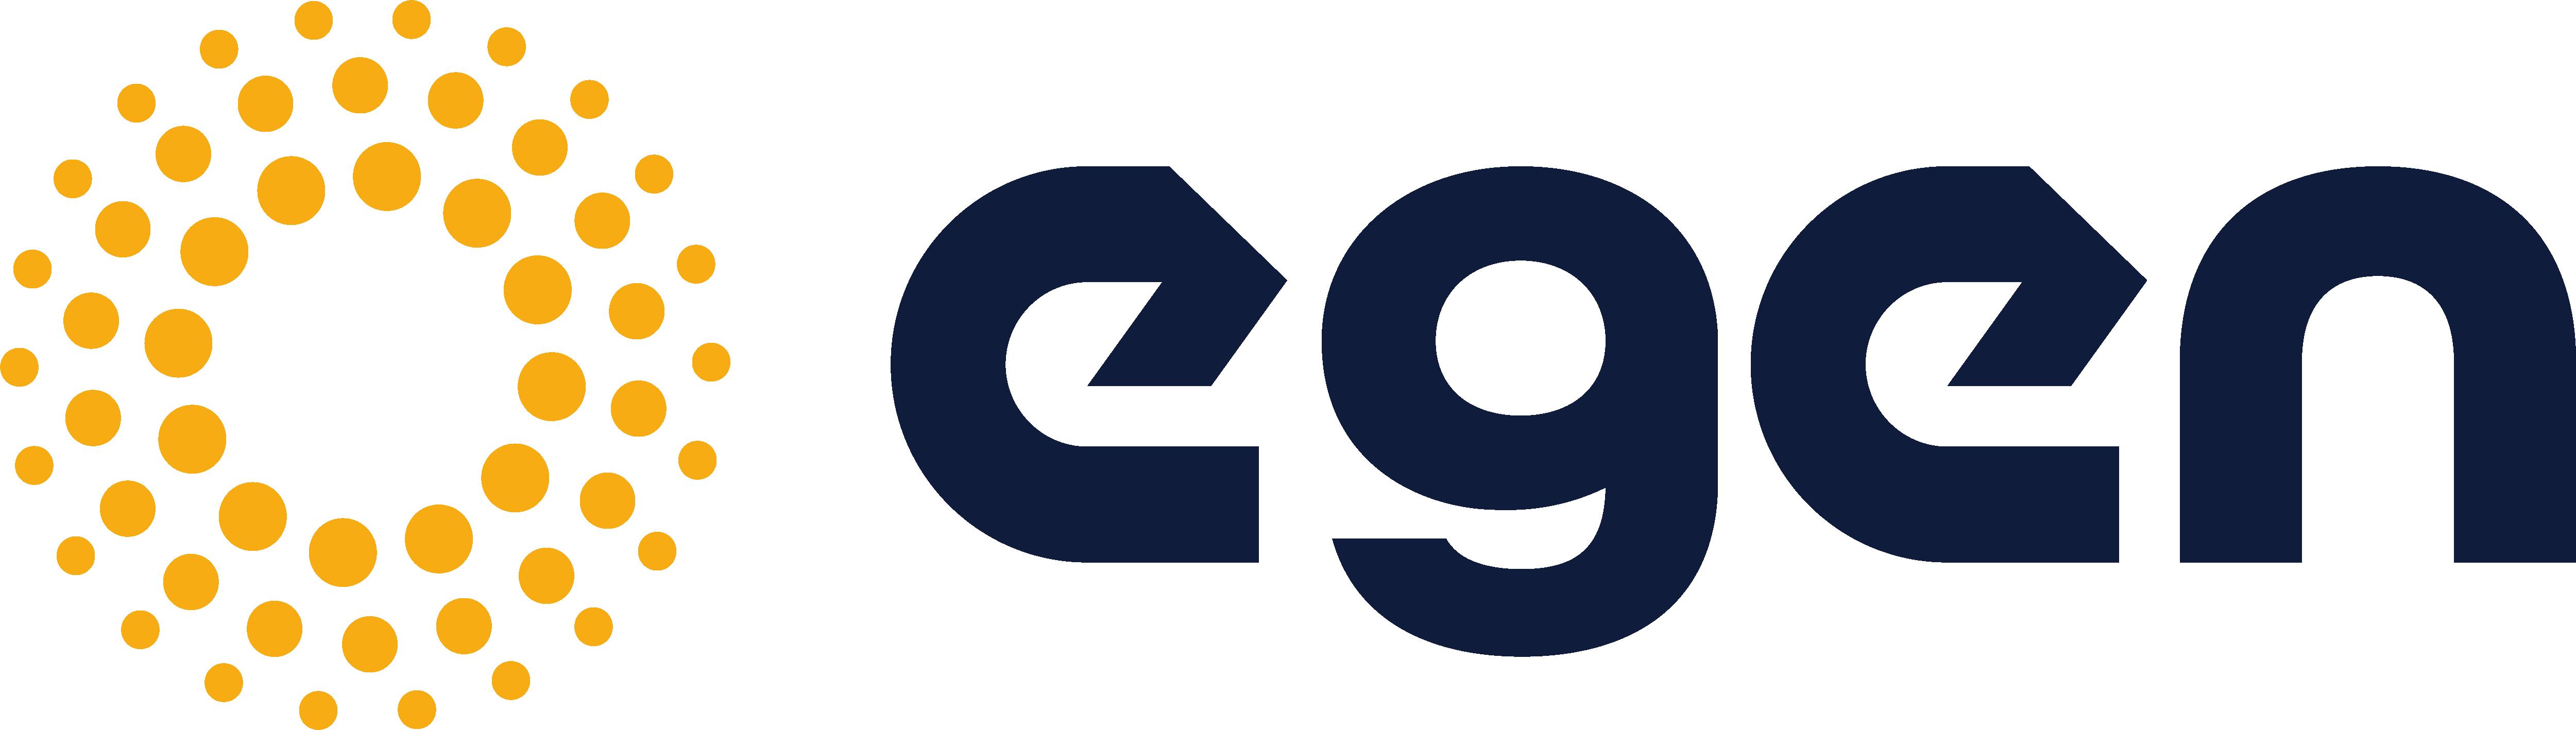 Egen logo